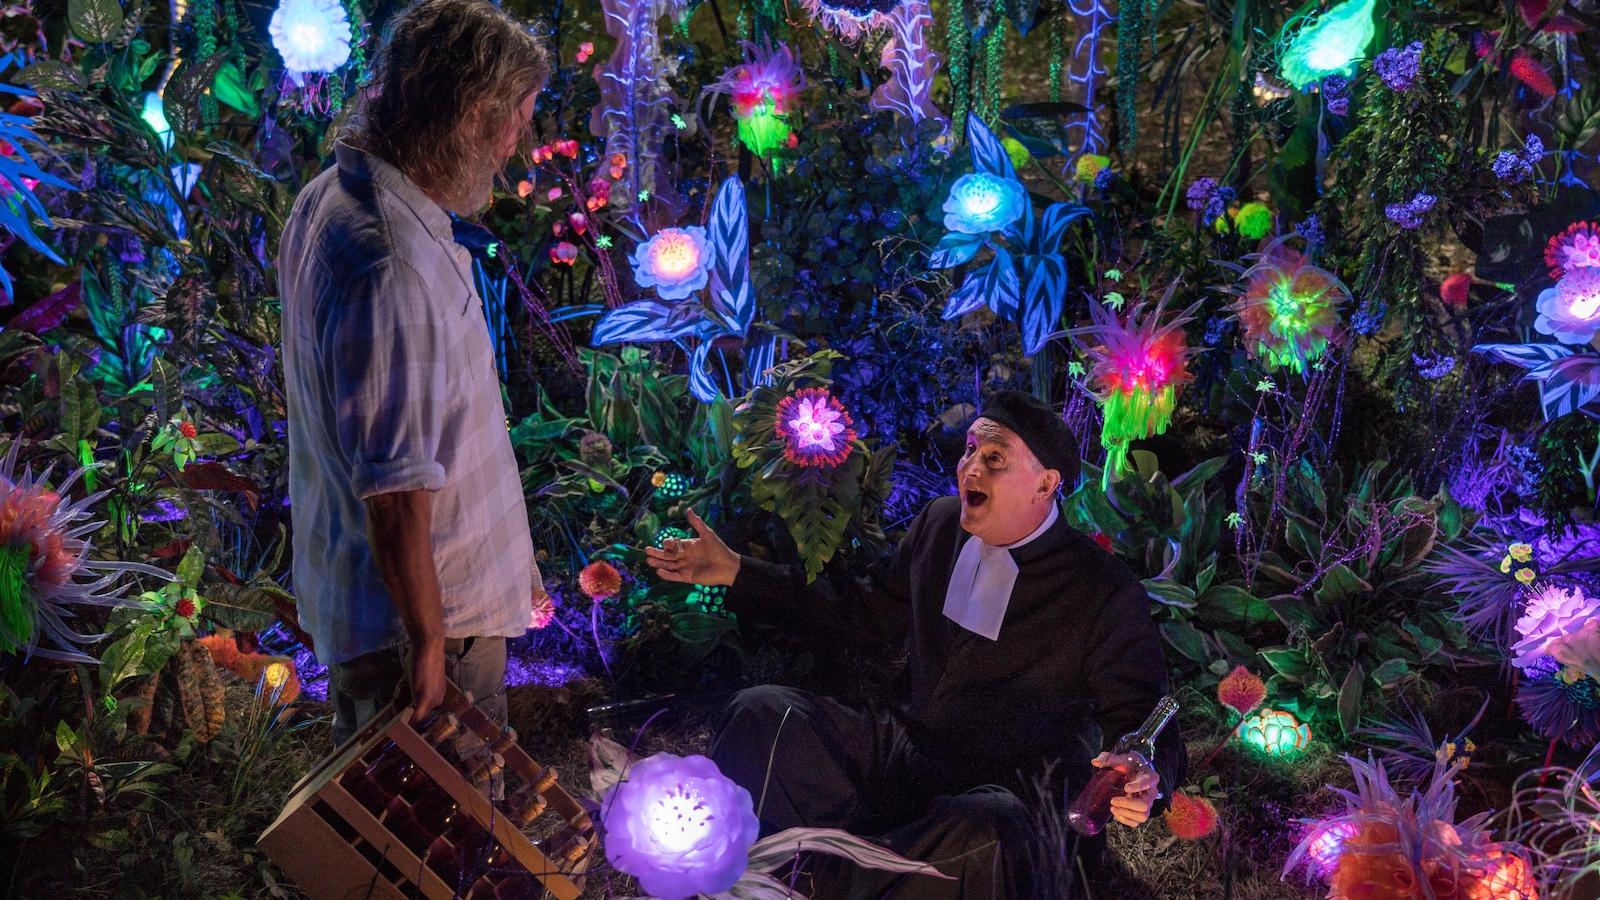 Les deux hommes sont dans un jardin de fleurs illuminées.